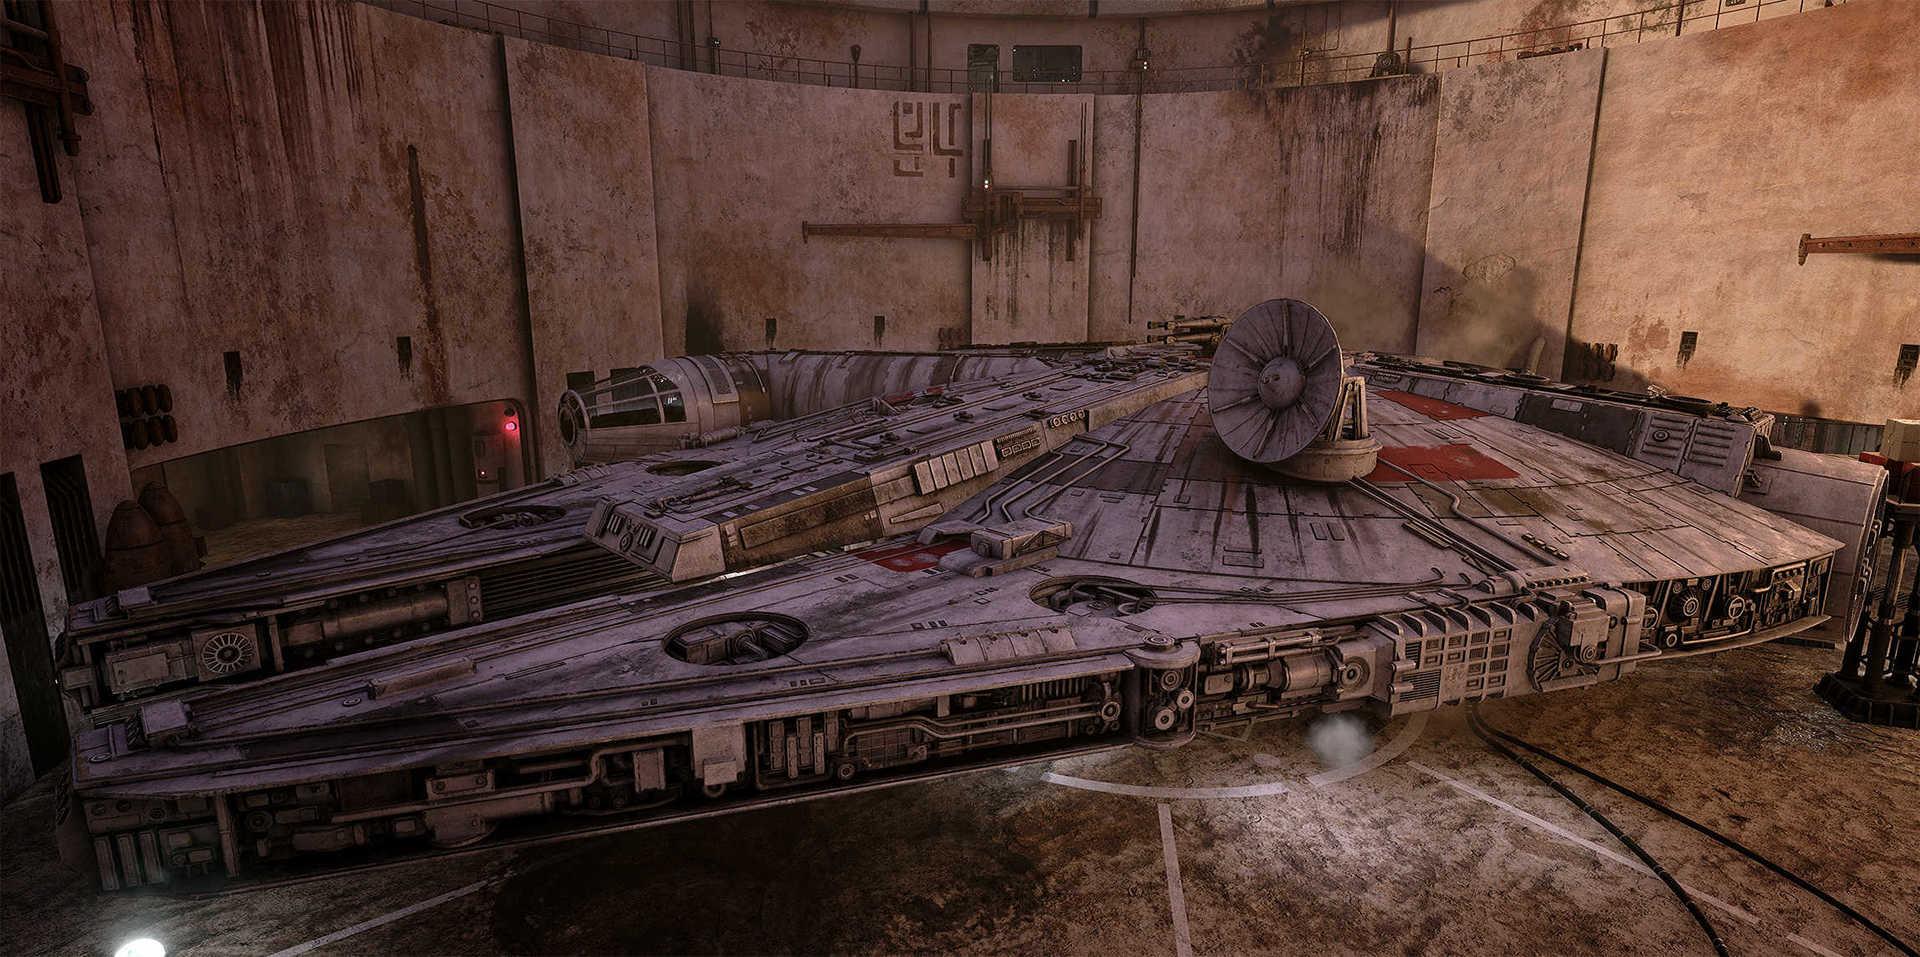 Создание сцены из Star Wars в Unreal Engine 4 - 15